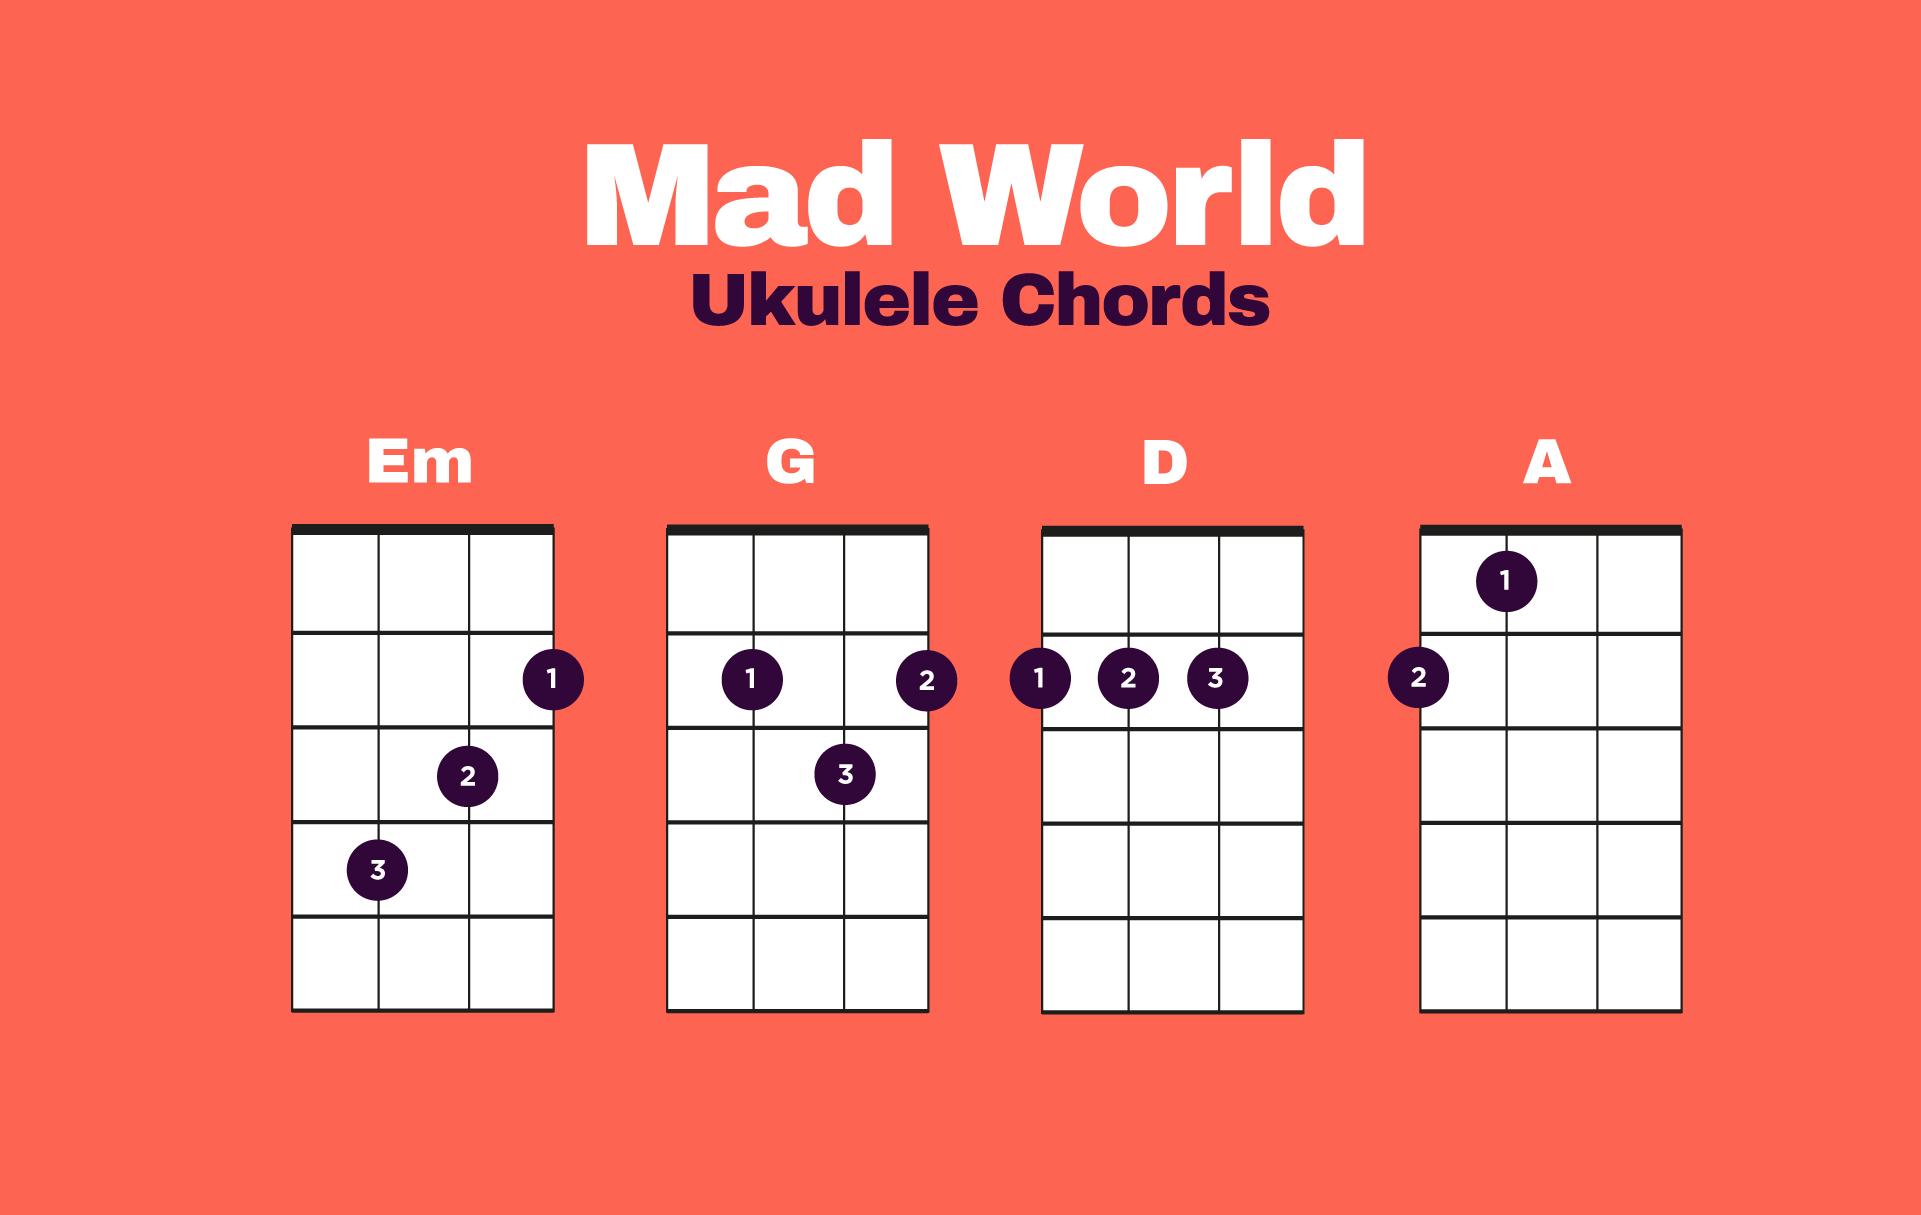 Mad World Ukulele Chords